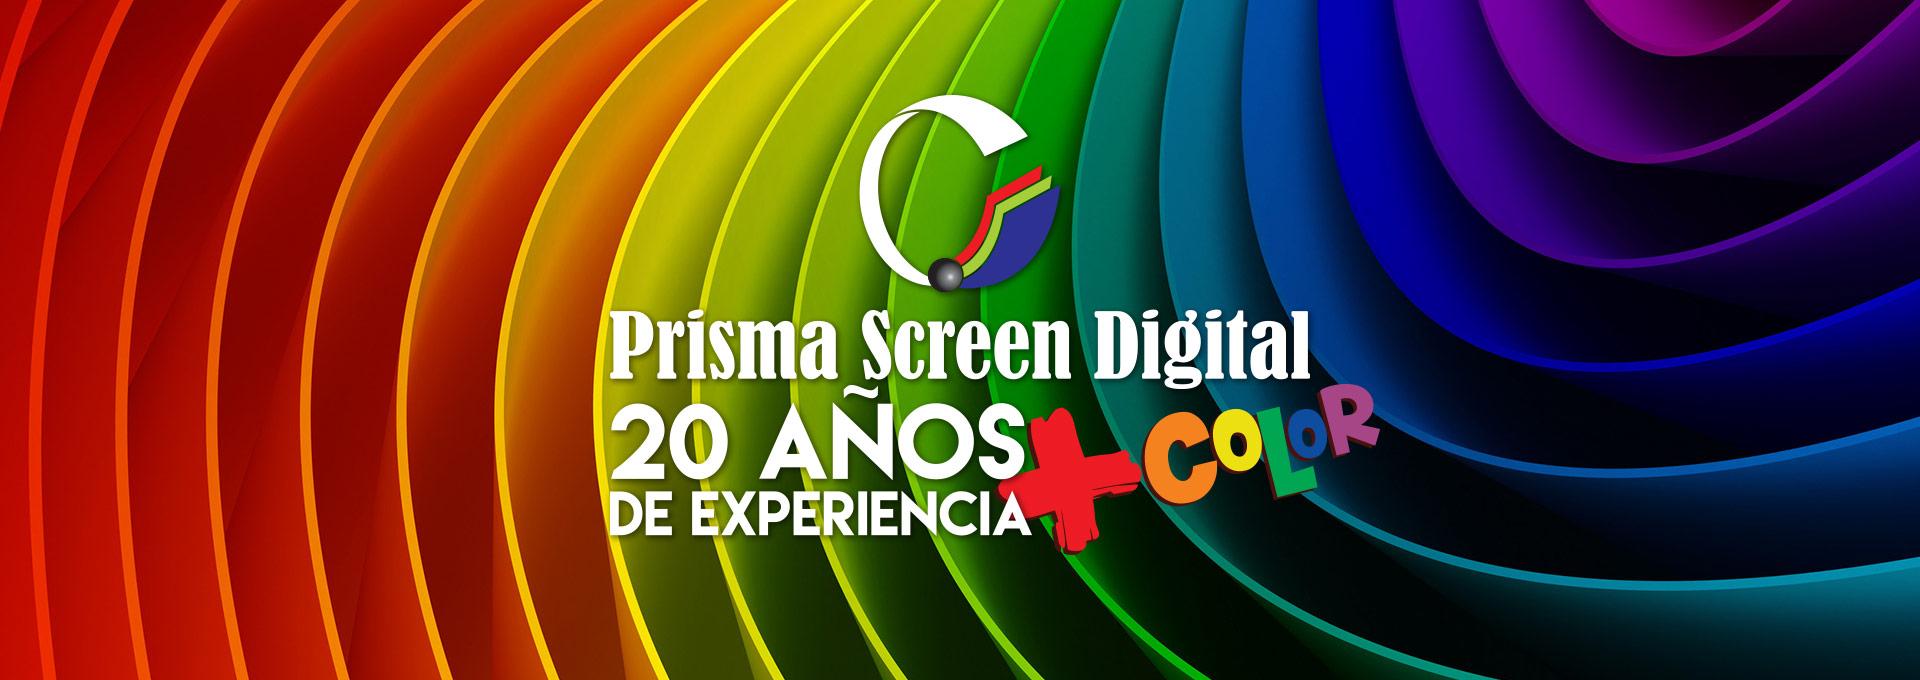 Banner 20 Años de Expriencia - Prisma Screen Digital - Bogotá